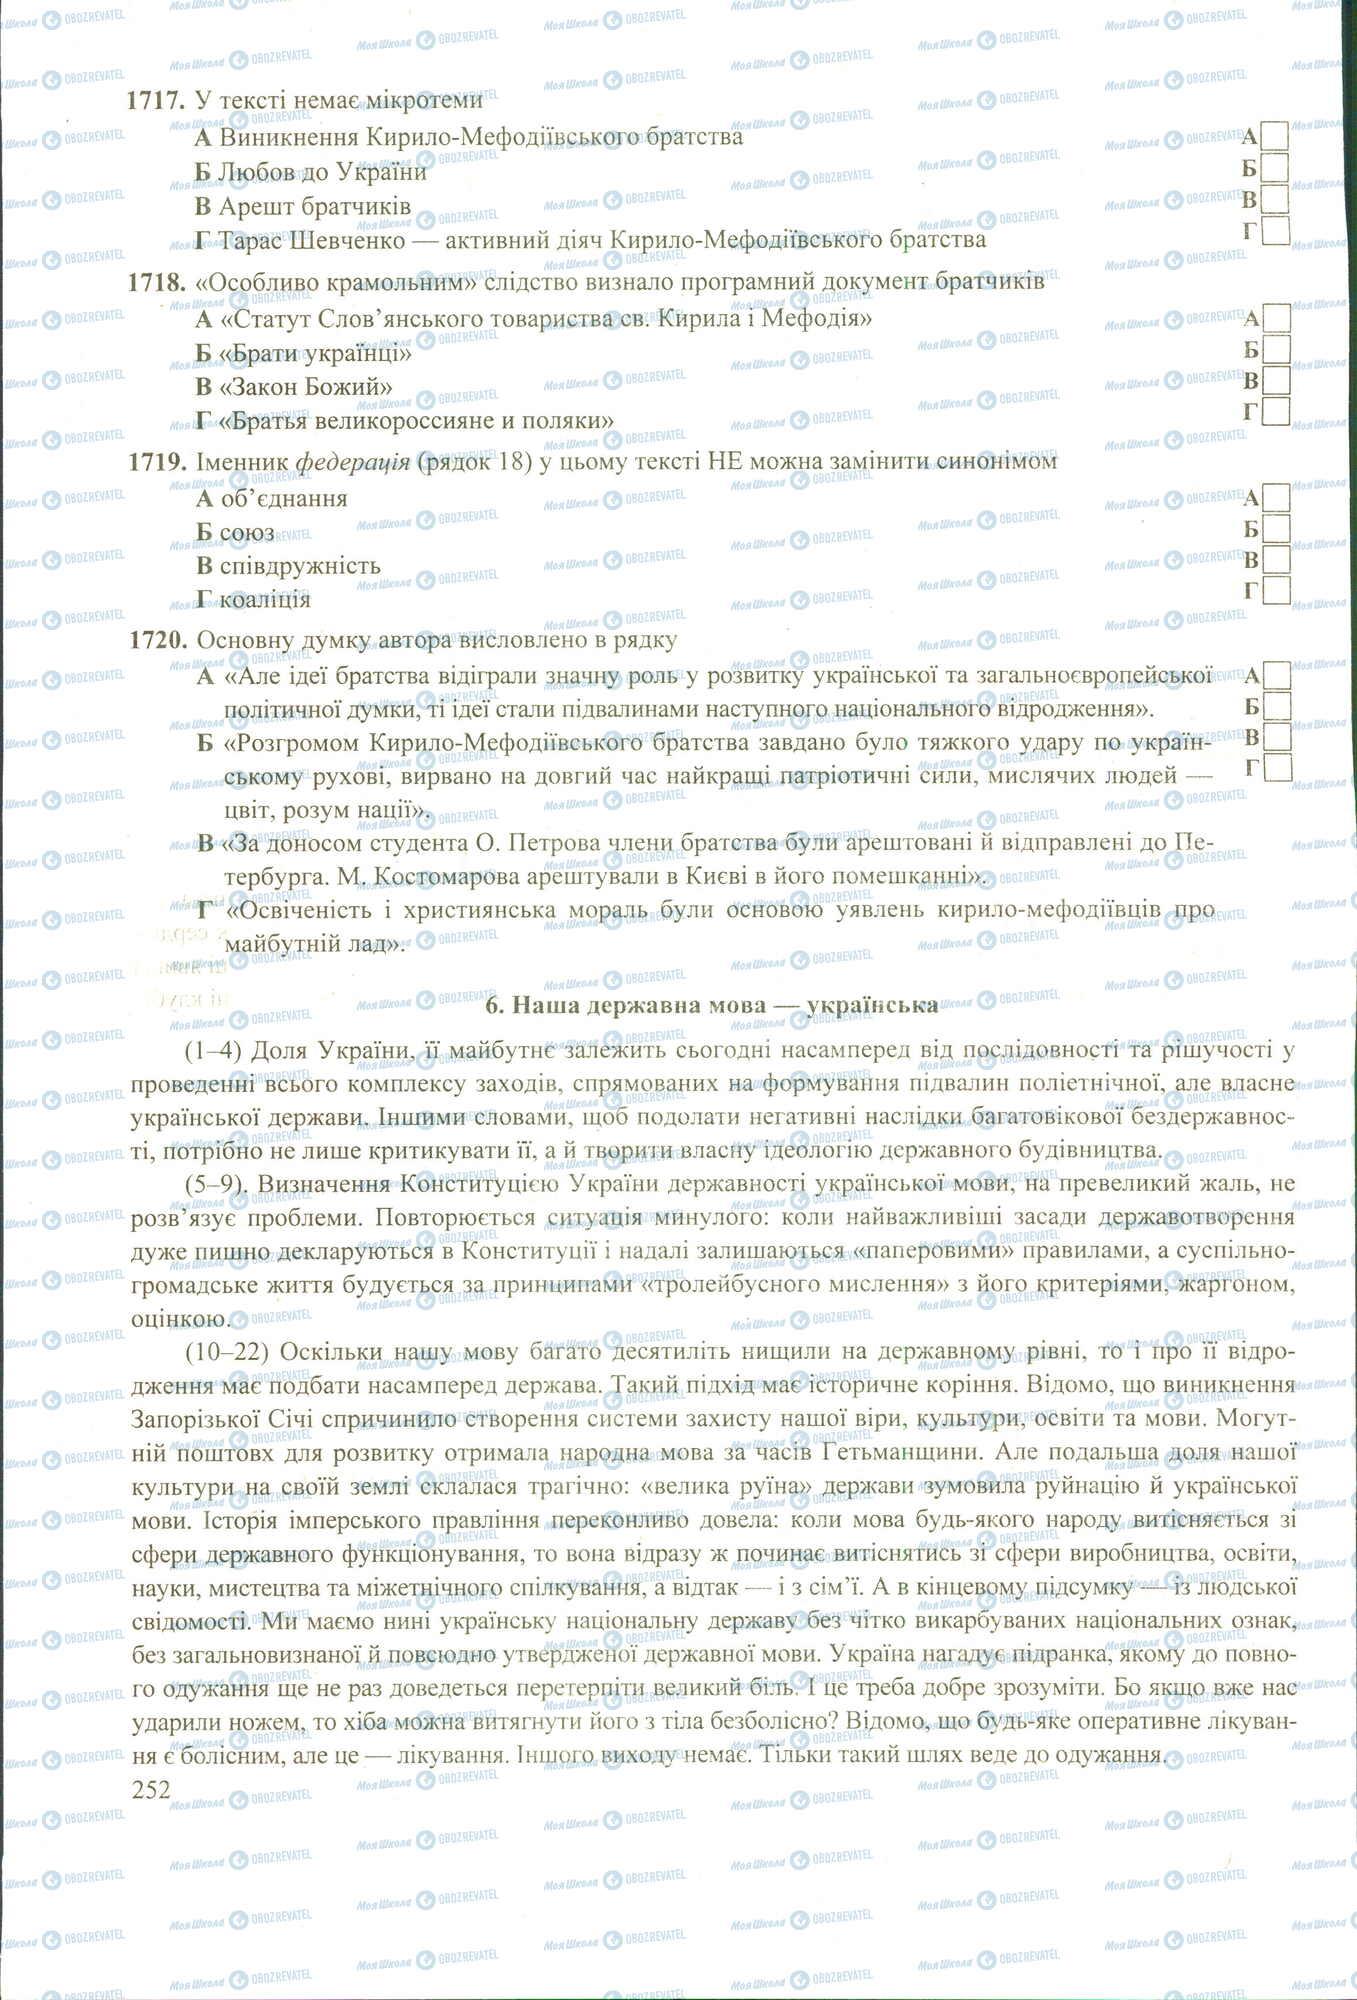 ЗНО Укр мова 11 класс страница image0000600B